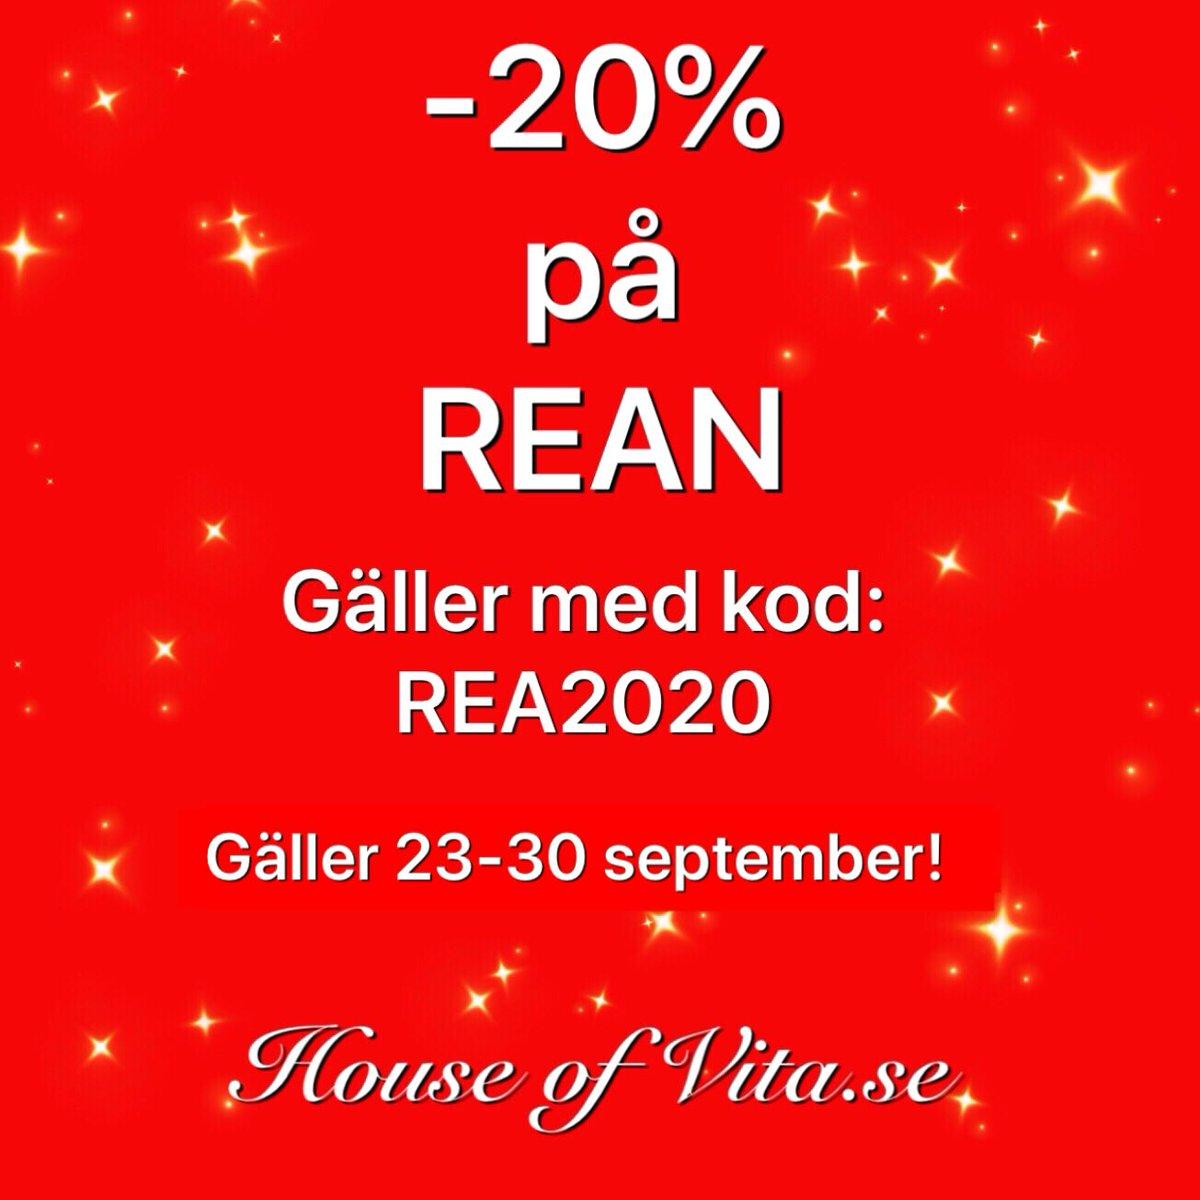 Välkommen till vår kända webbutik med fantastisk #inredning i #butik https://t.co/18wS7qETgJ! Gåva vid köp över 400:-! #nyhet #lördag #svt #tv4 #sverige#sthlm #gbg #skåne #linköping #uppsala #västerås #jkpg #umeå#nytt #stockholm #lund #malmö #presenter #interiör #borås #växjö https://t.co/NTJEJMZdQF